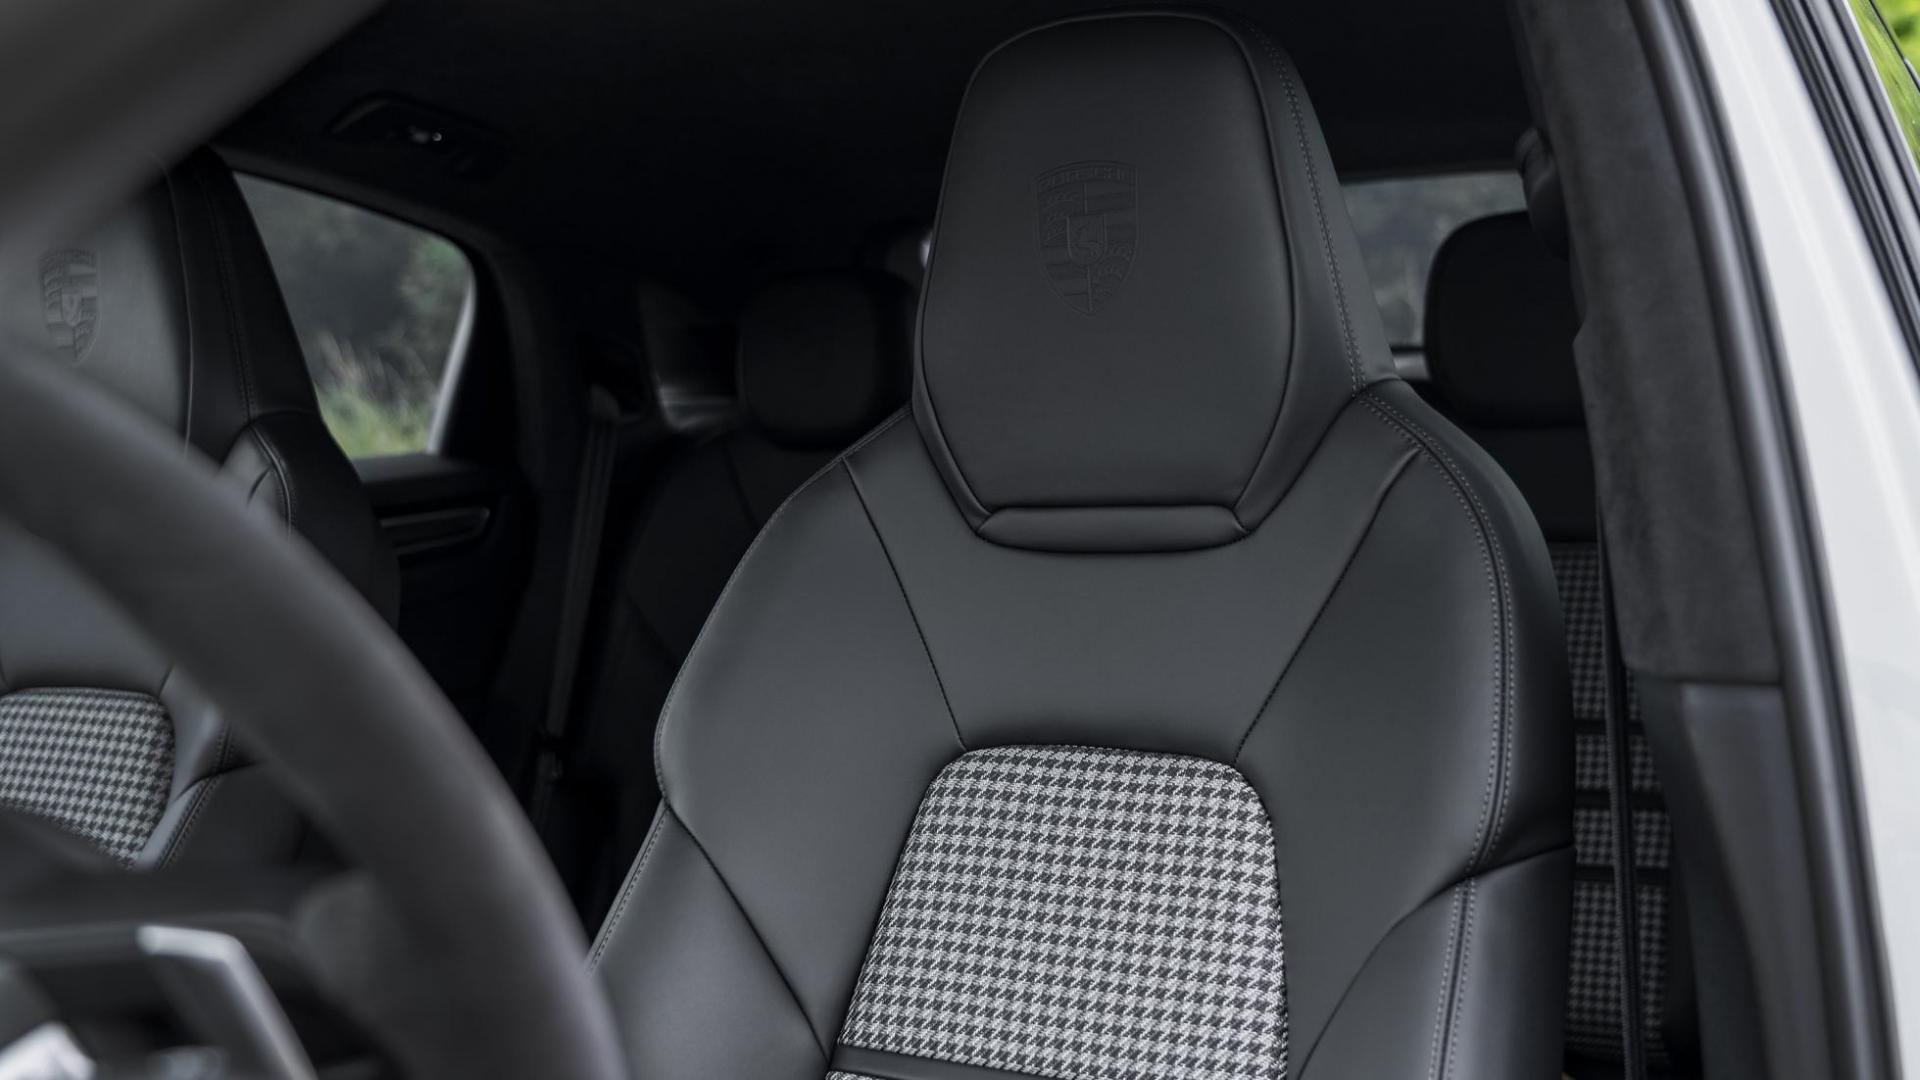 Porsche Cayenne Turbo S E-Hybrid Coupé interieur detail stoel